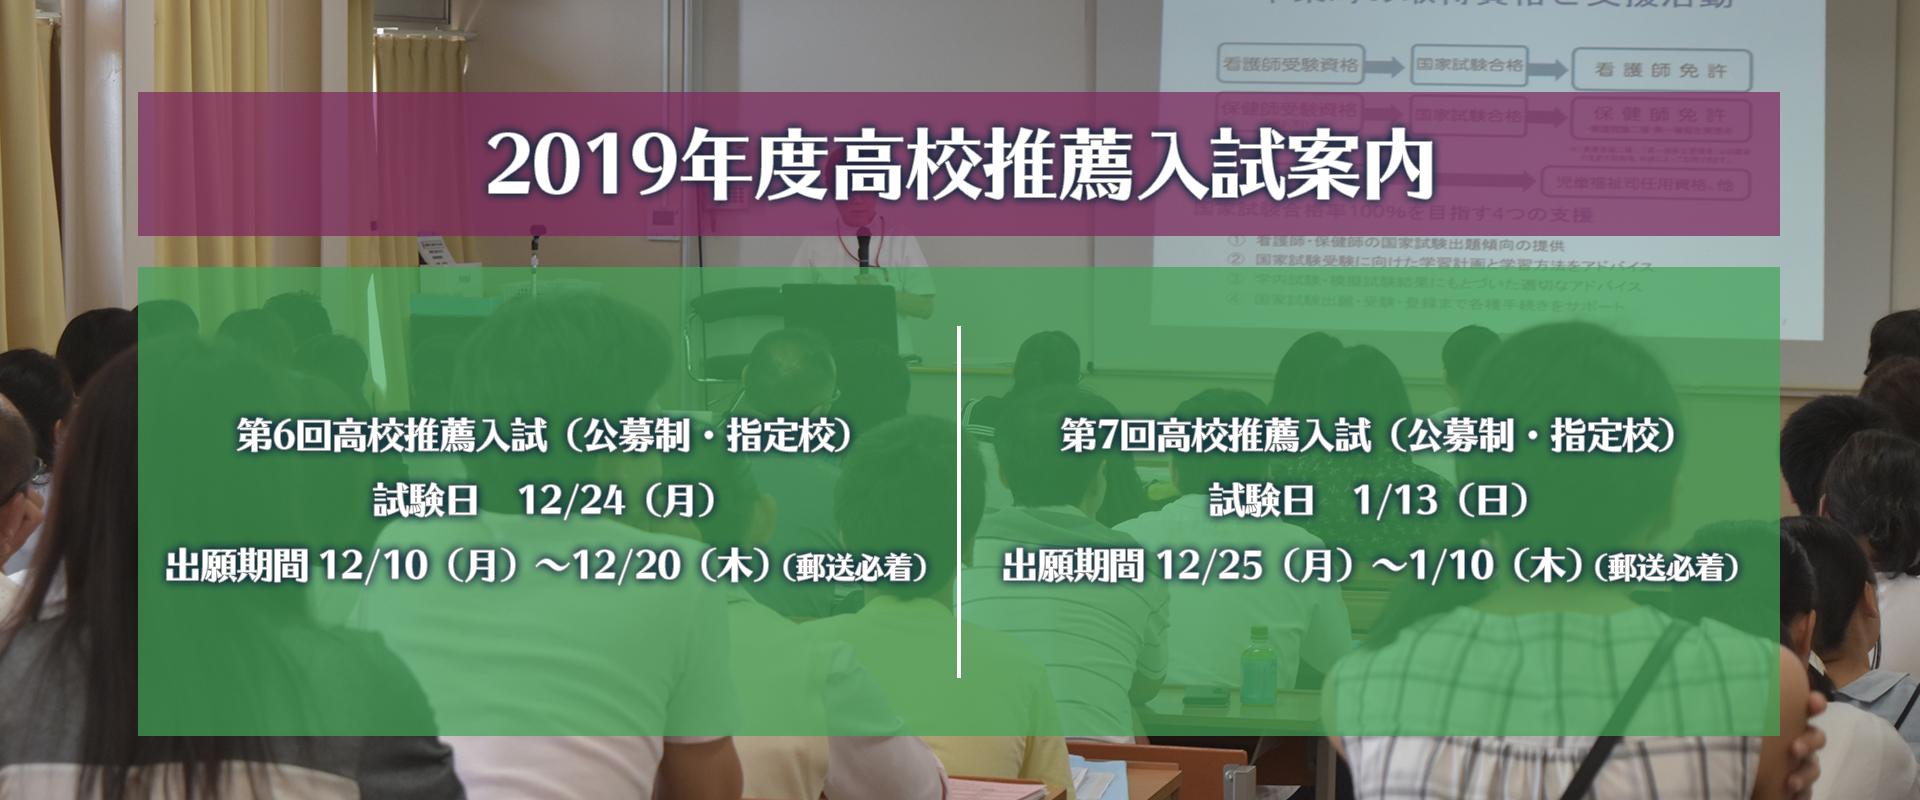 2019年度 保健医療学部 高校推薦入試【指定校・公募制】